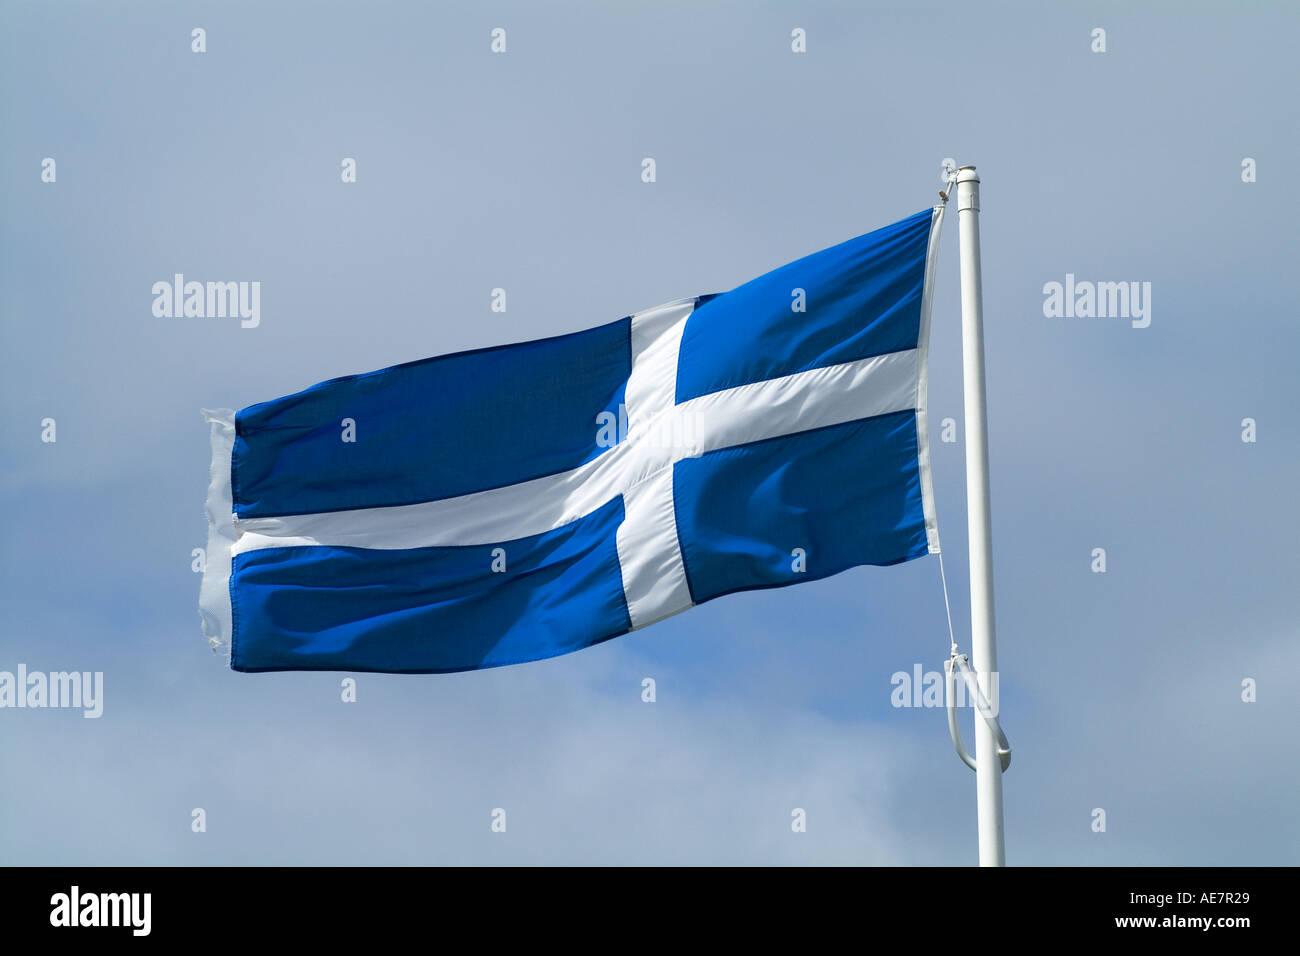 Dh Bandiera Shetland La Croce Bianca Su Sfondo Blu Bandiera Shetland